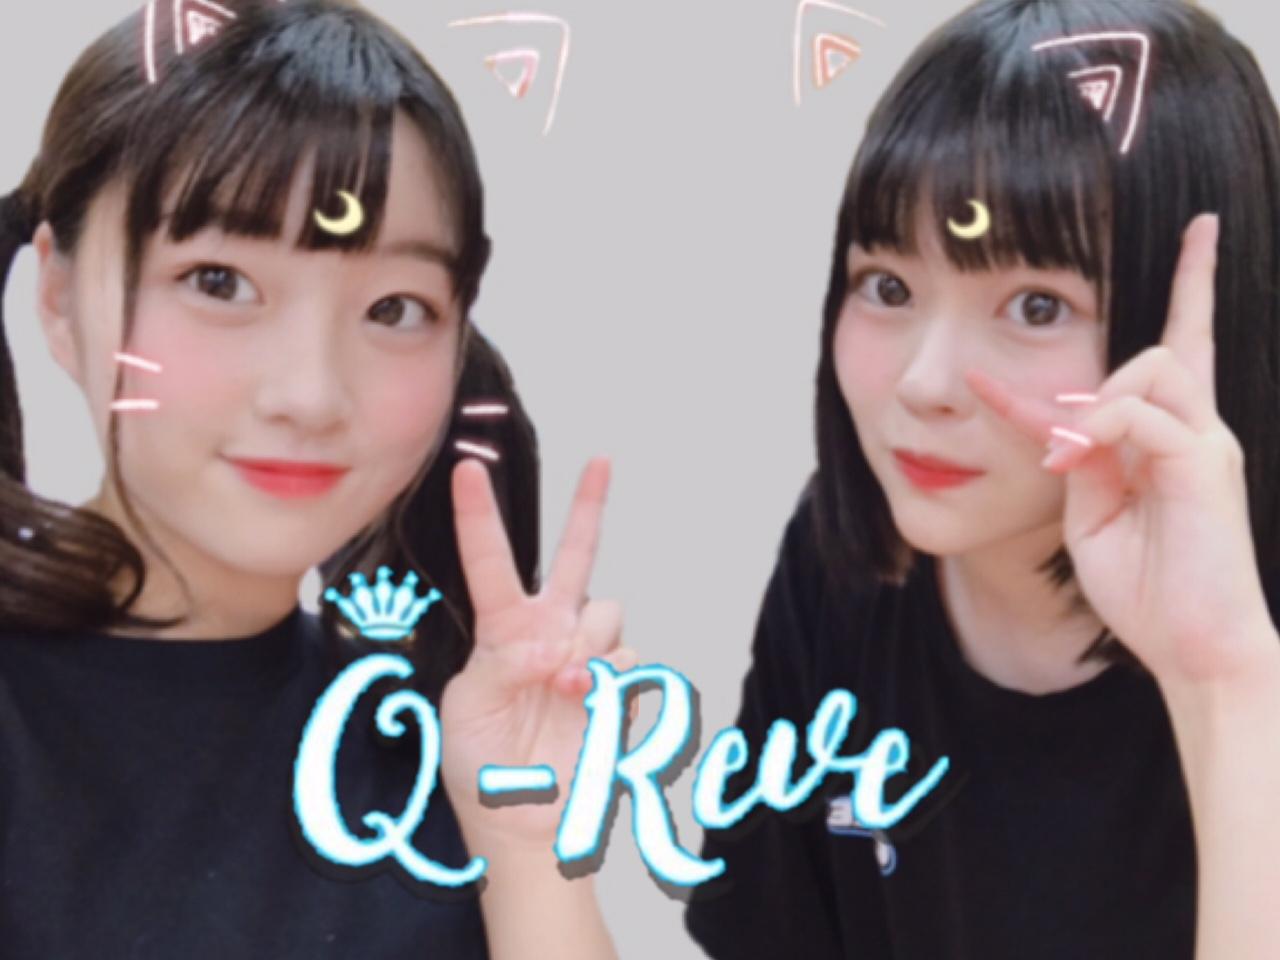 Q-Reve